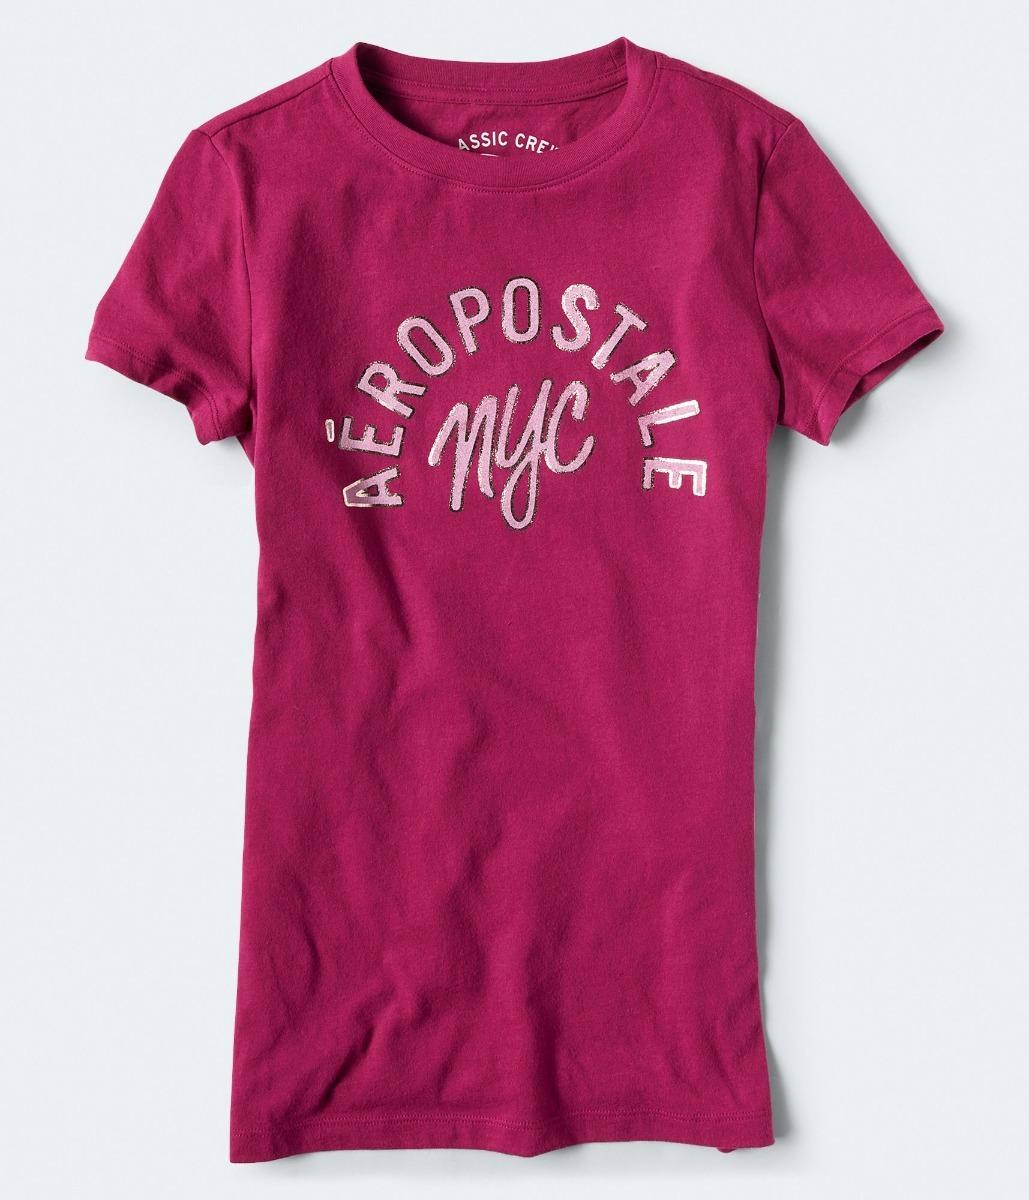 56aee28c37e2b camiseta feminina aeropostale aero original importada rosa 2. Carregando  zoom.